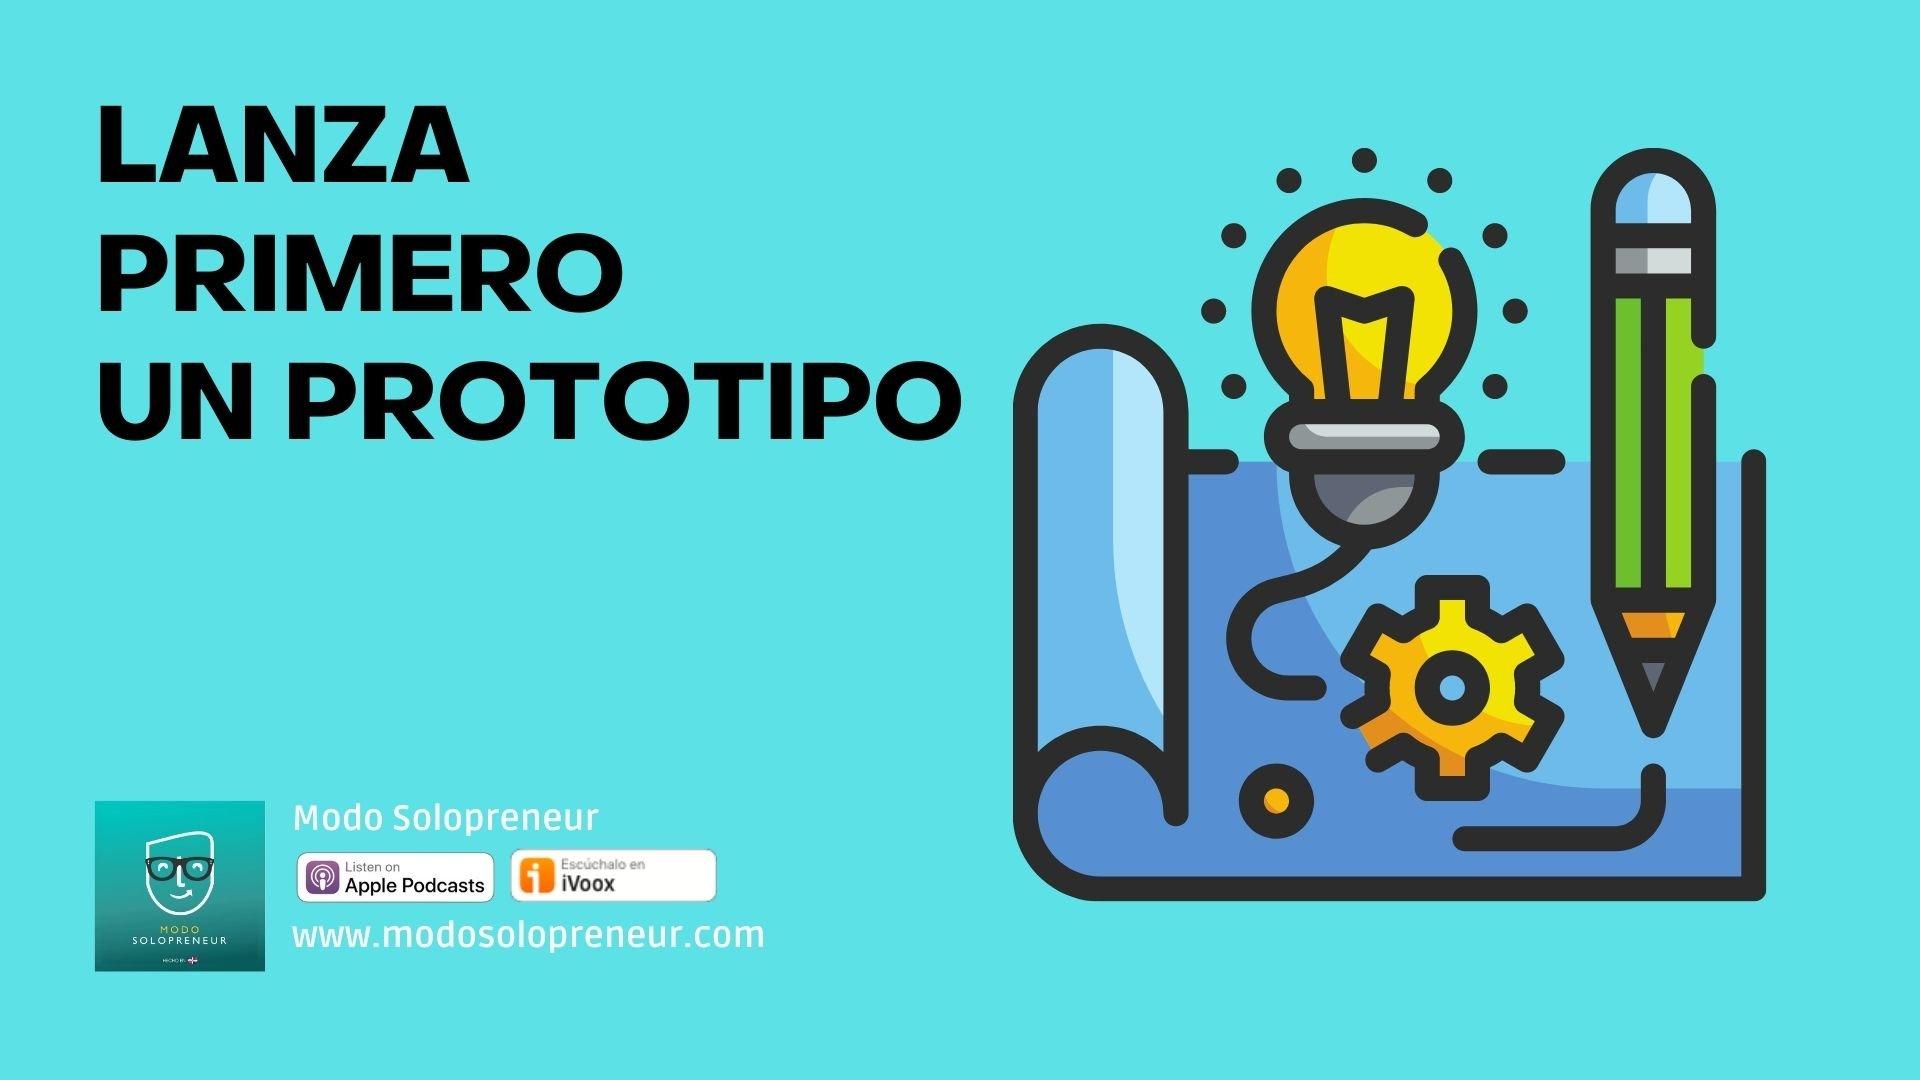 Lanza primero un prototipo de tu producto o servicio